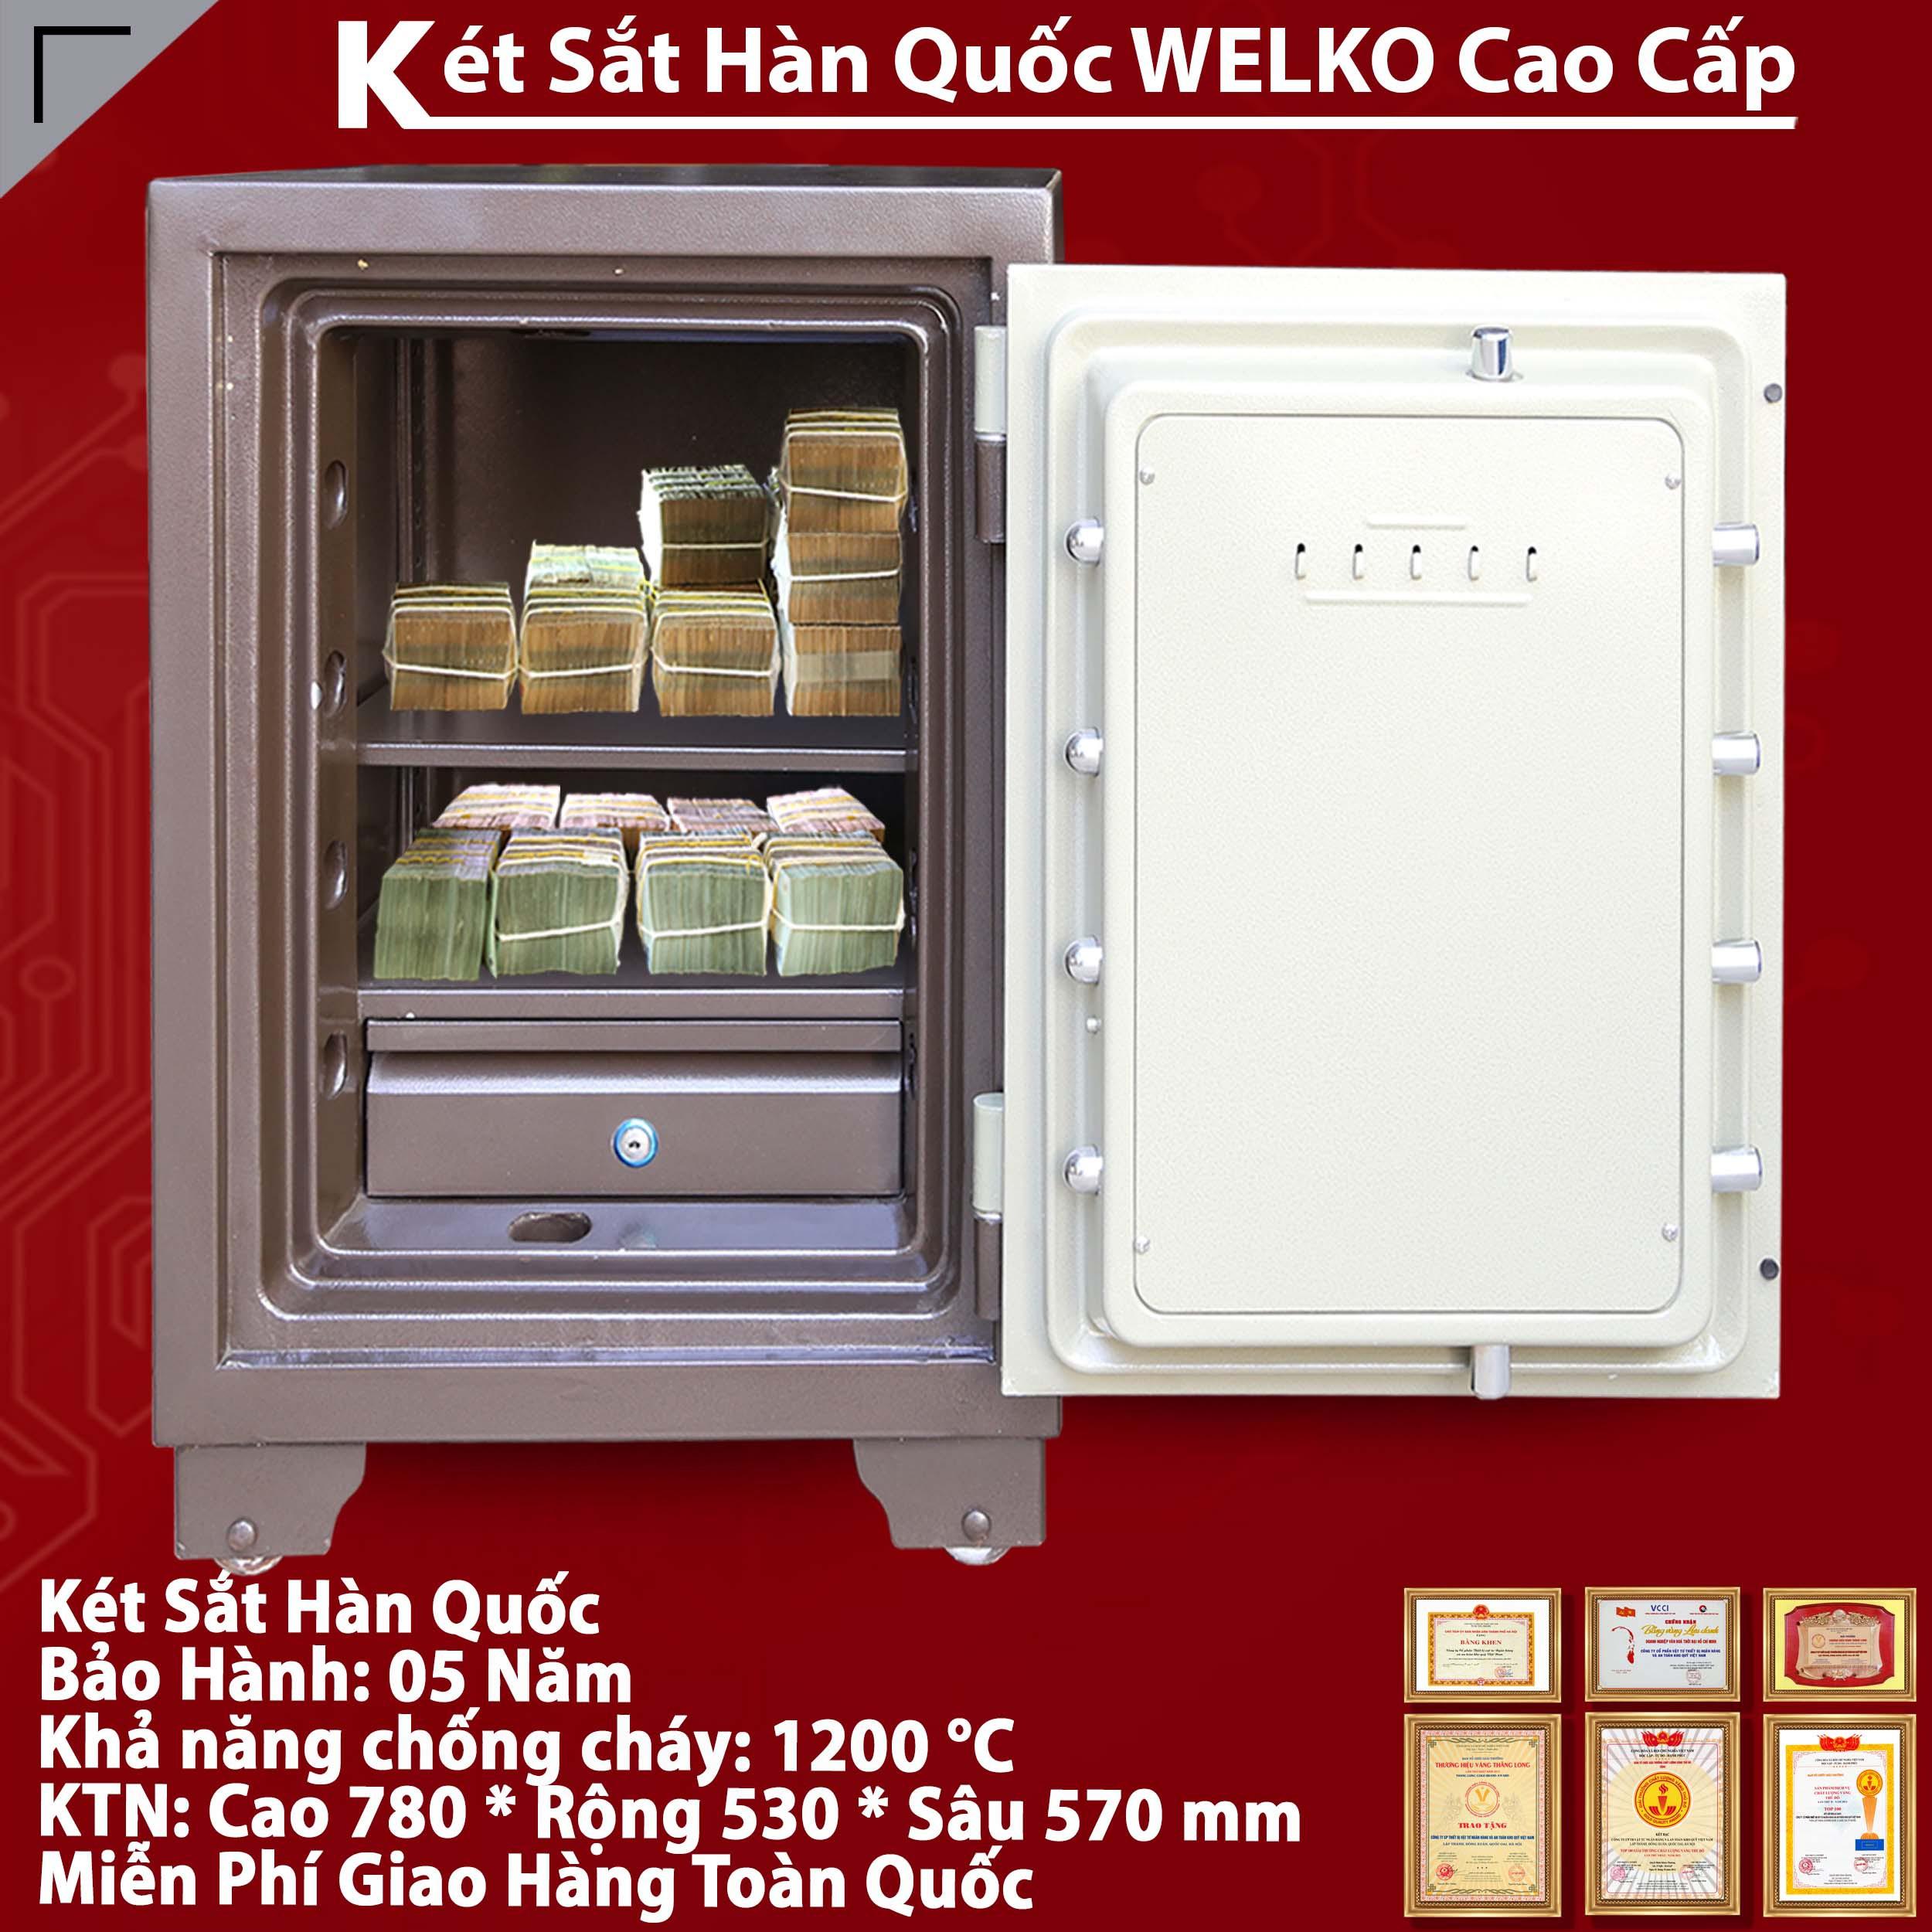 cửa hàng bán Két sắt cá nhân welkosafe chất lượng ở hà nội